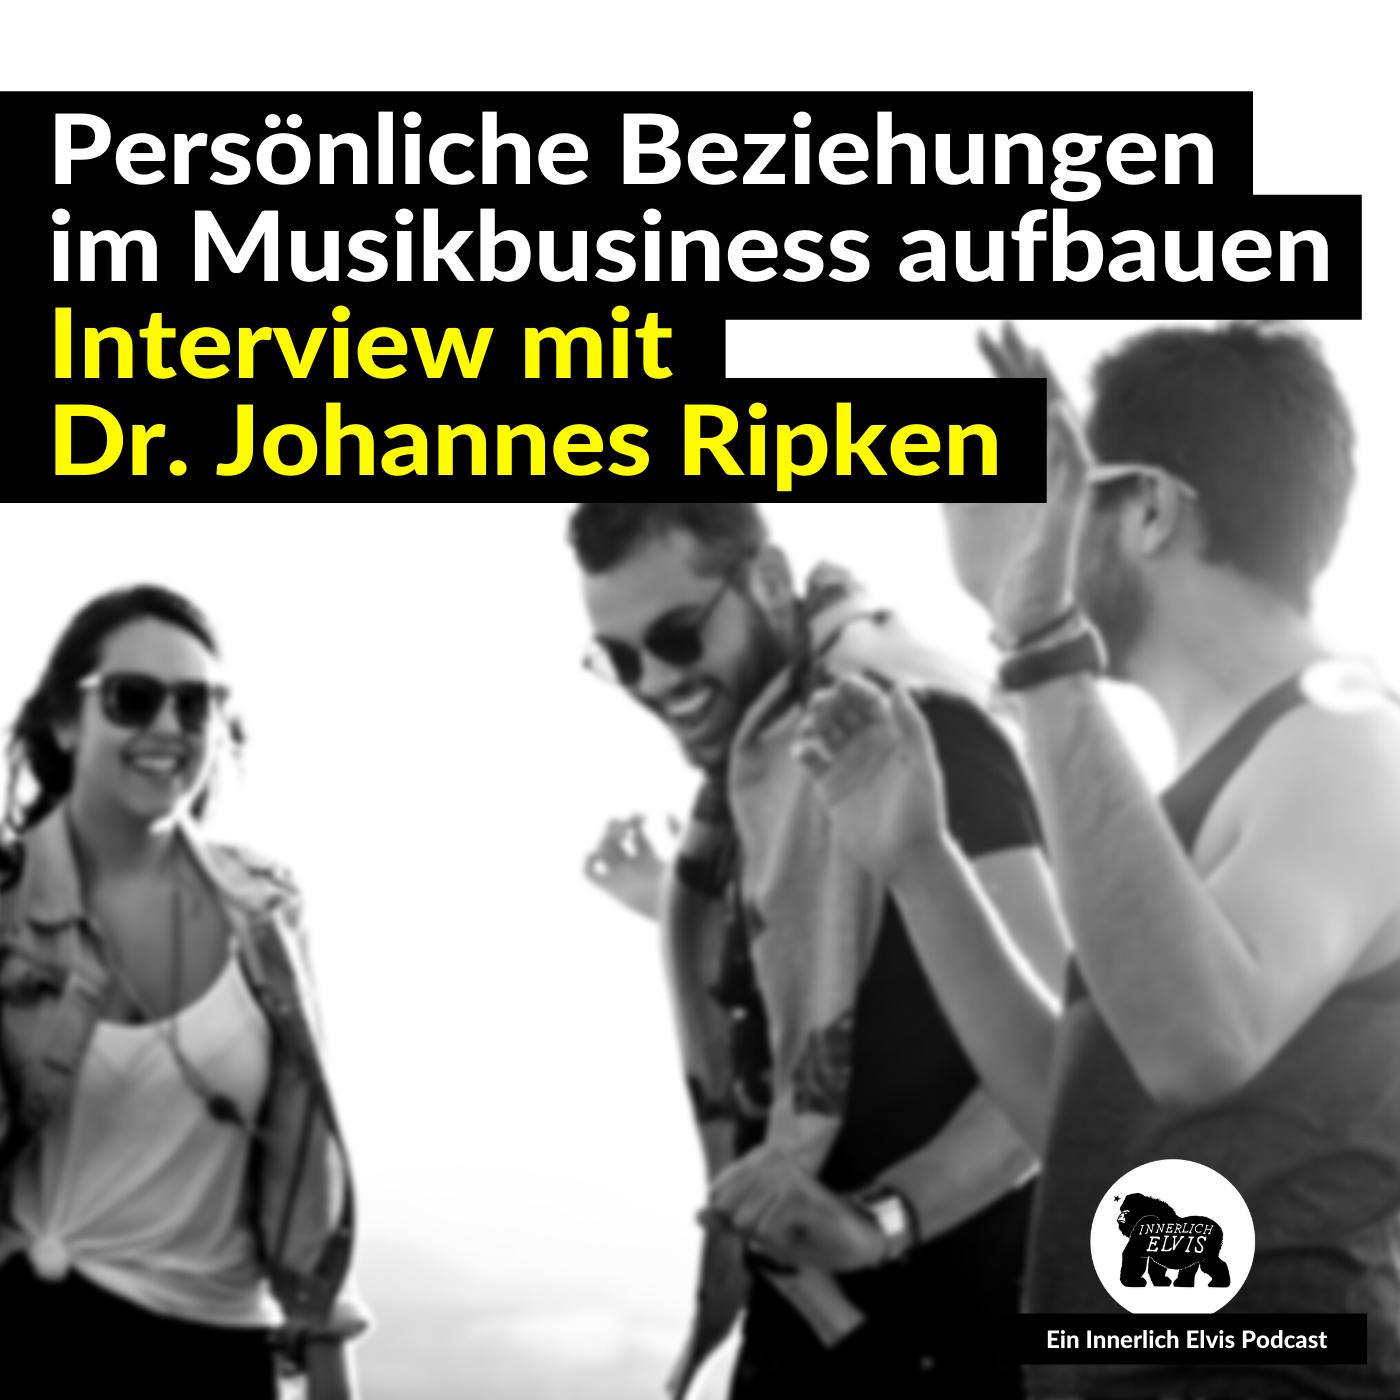 Persönliche Beziehungen im Musikbusiness aufbauen (Interview mit Dr. Johannes Ripken)